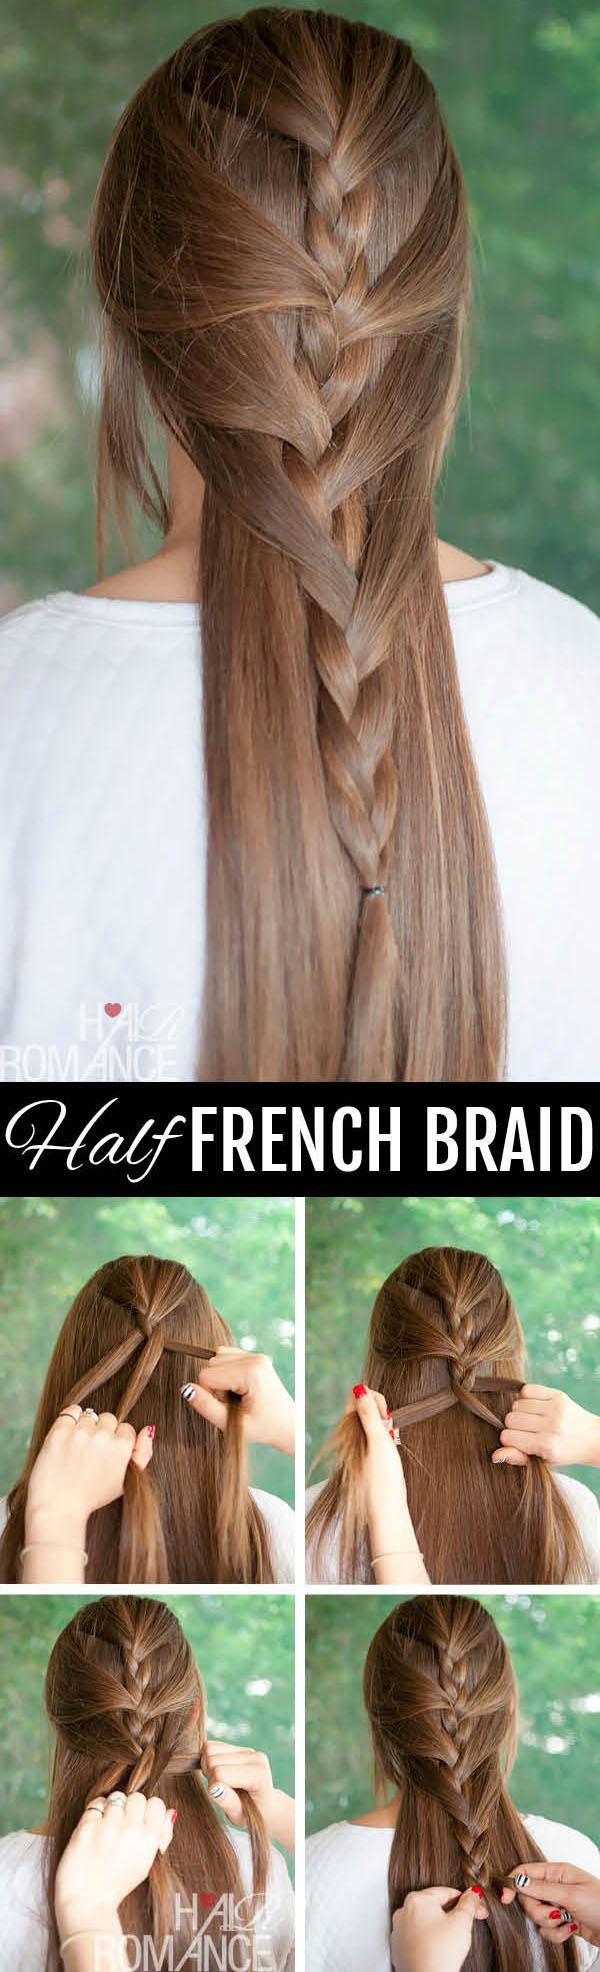 Hair Romance - French Braid hair style tutorial